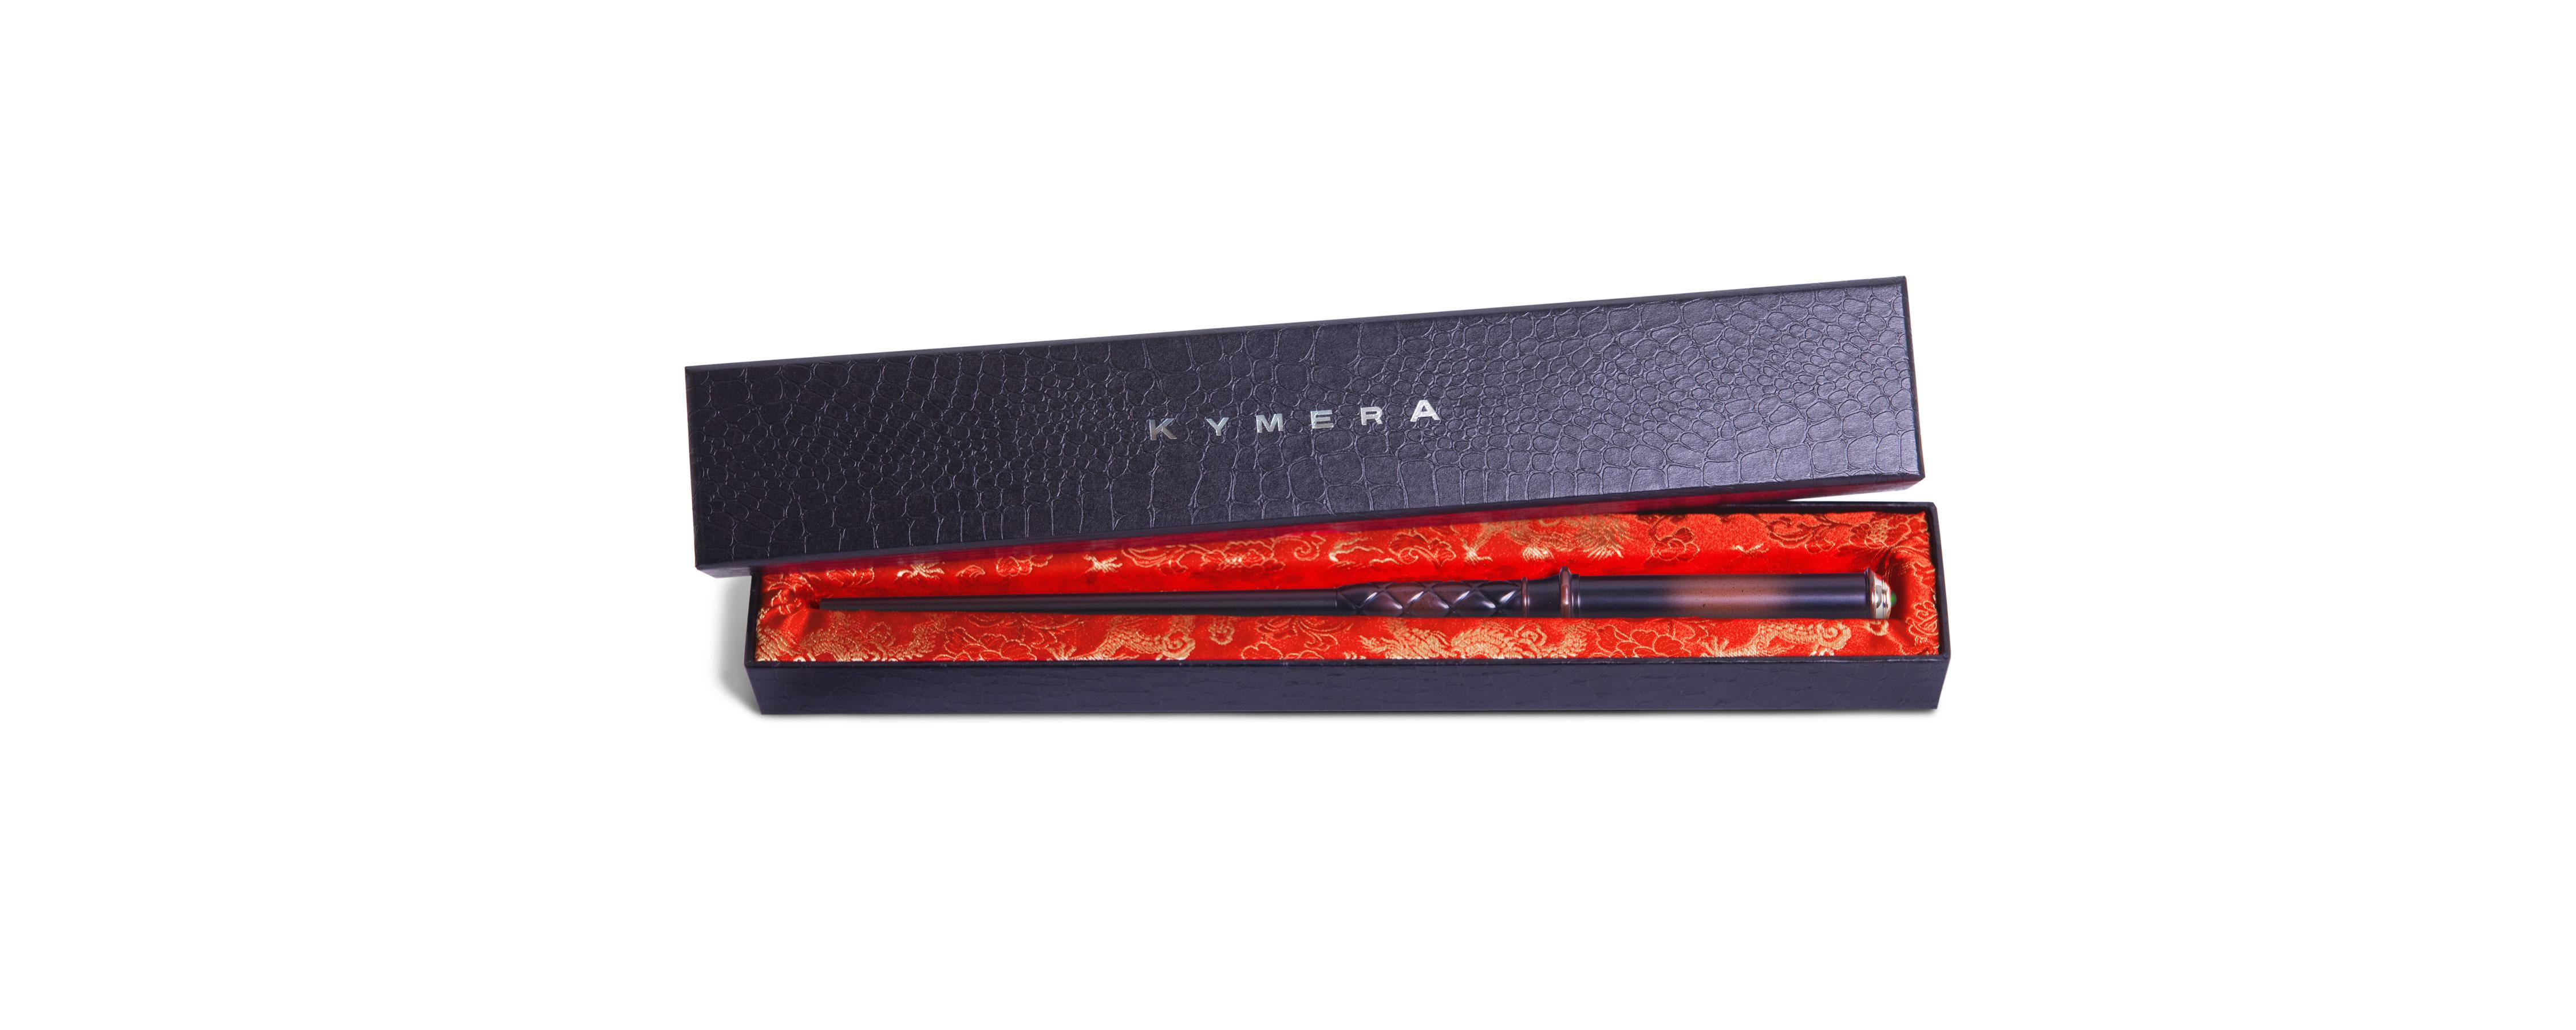 Kymera wand in box